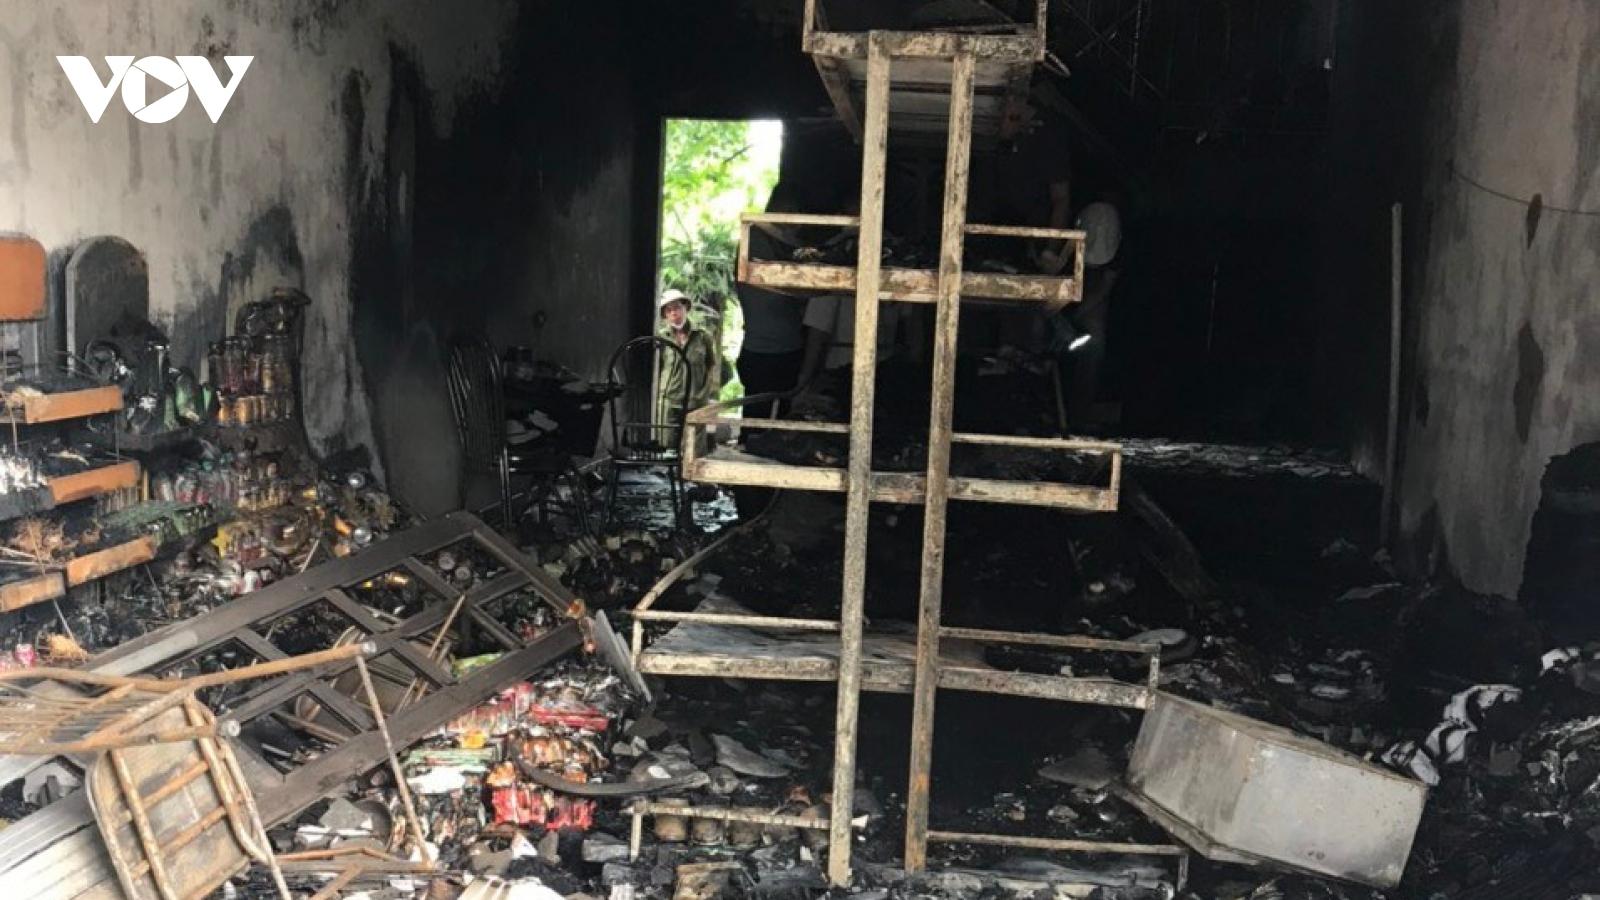 Có dấu hiệu án mạng trong vụ hỏa hoạn tại Hải Phòng